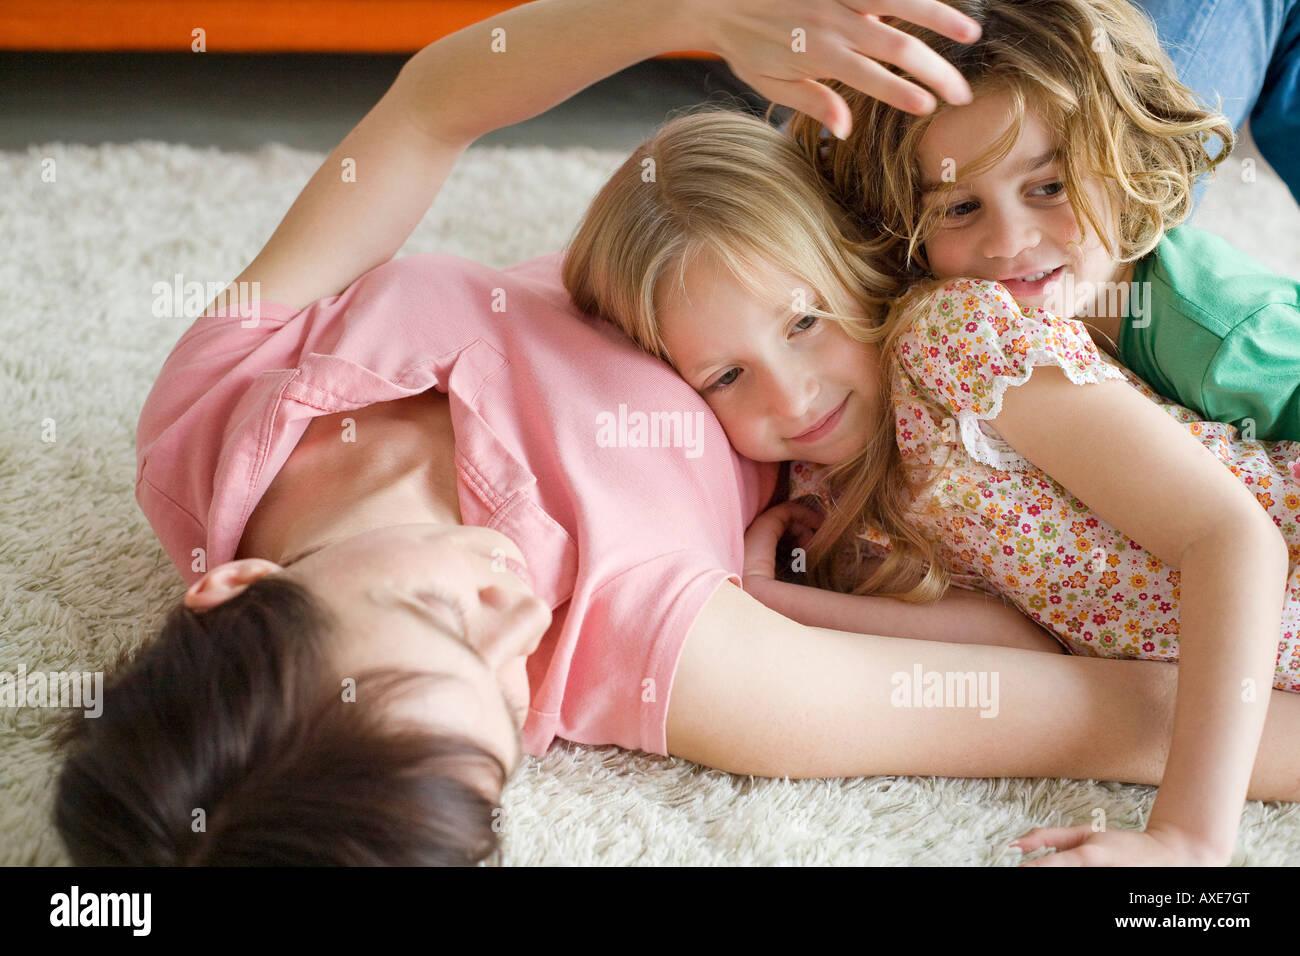 Madre e bambini sdraiato sul pavimento nel soggiorno, ritratto Immagini Stock